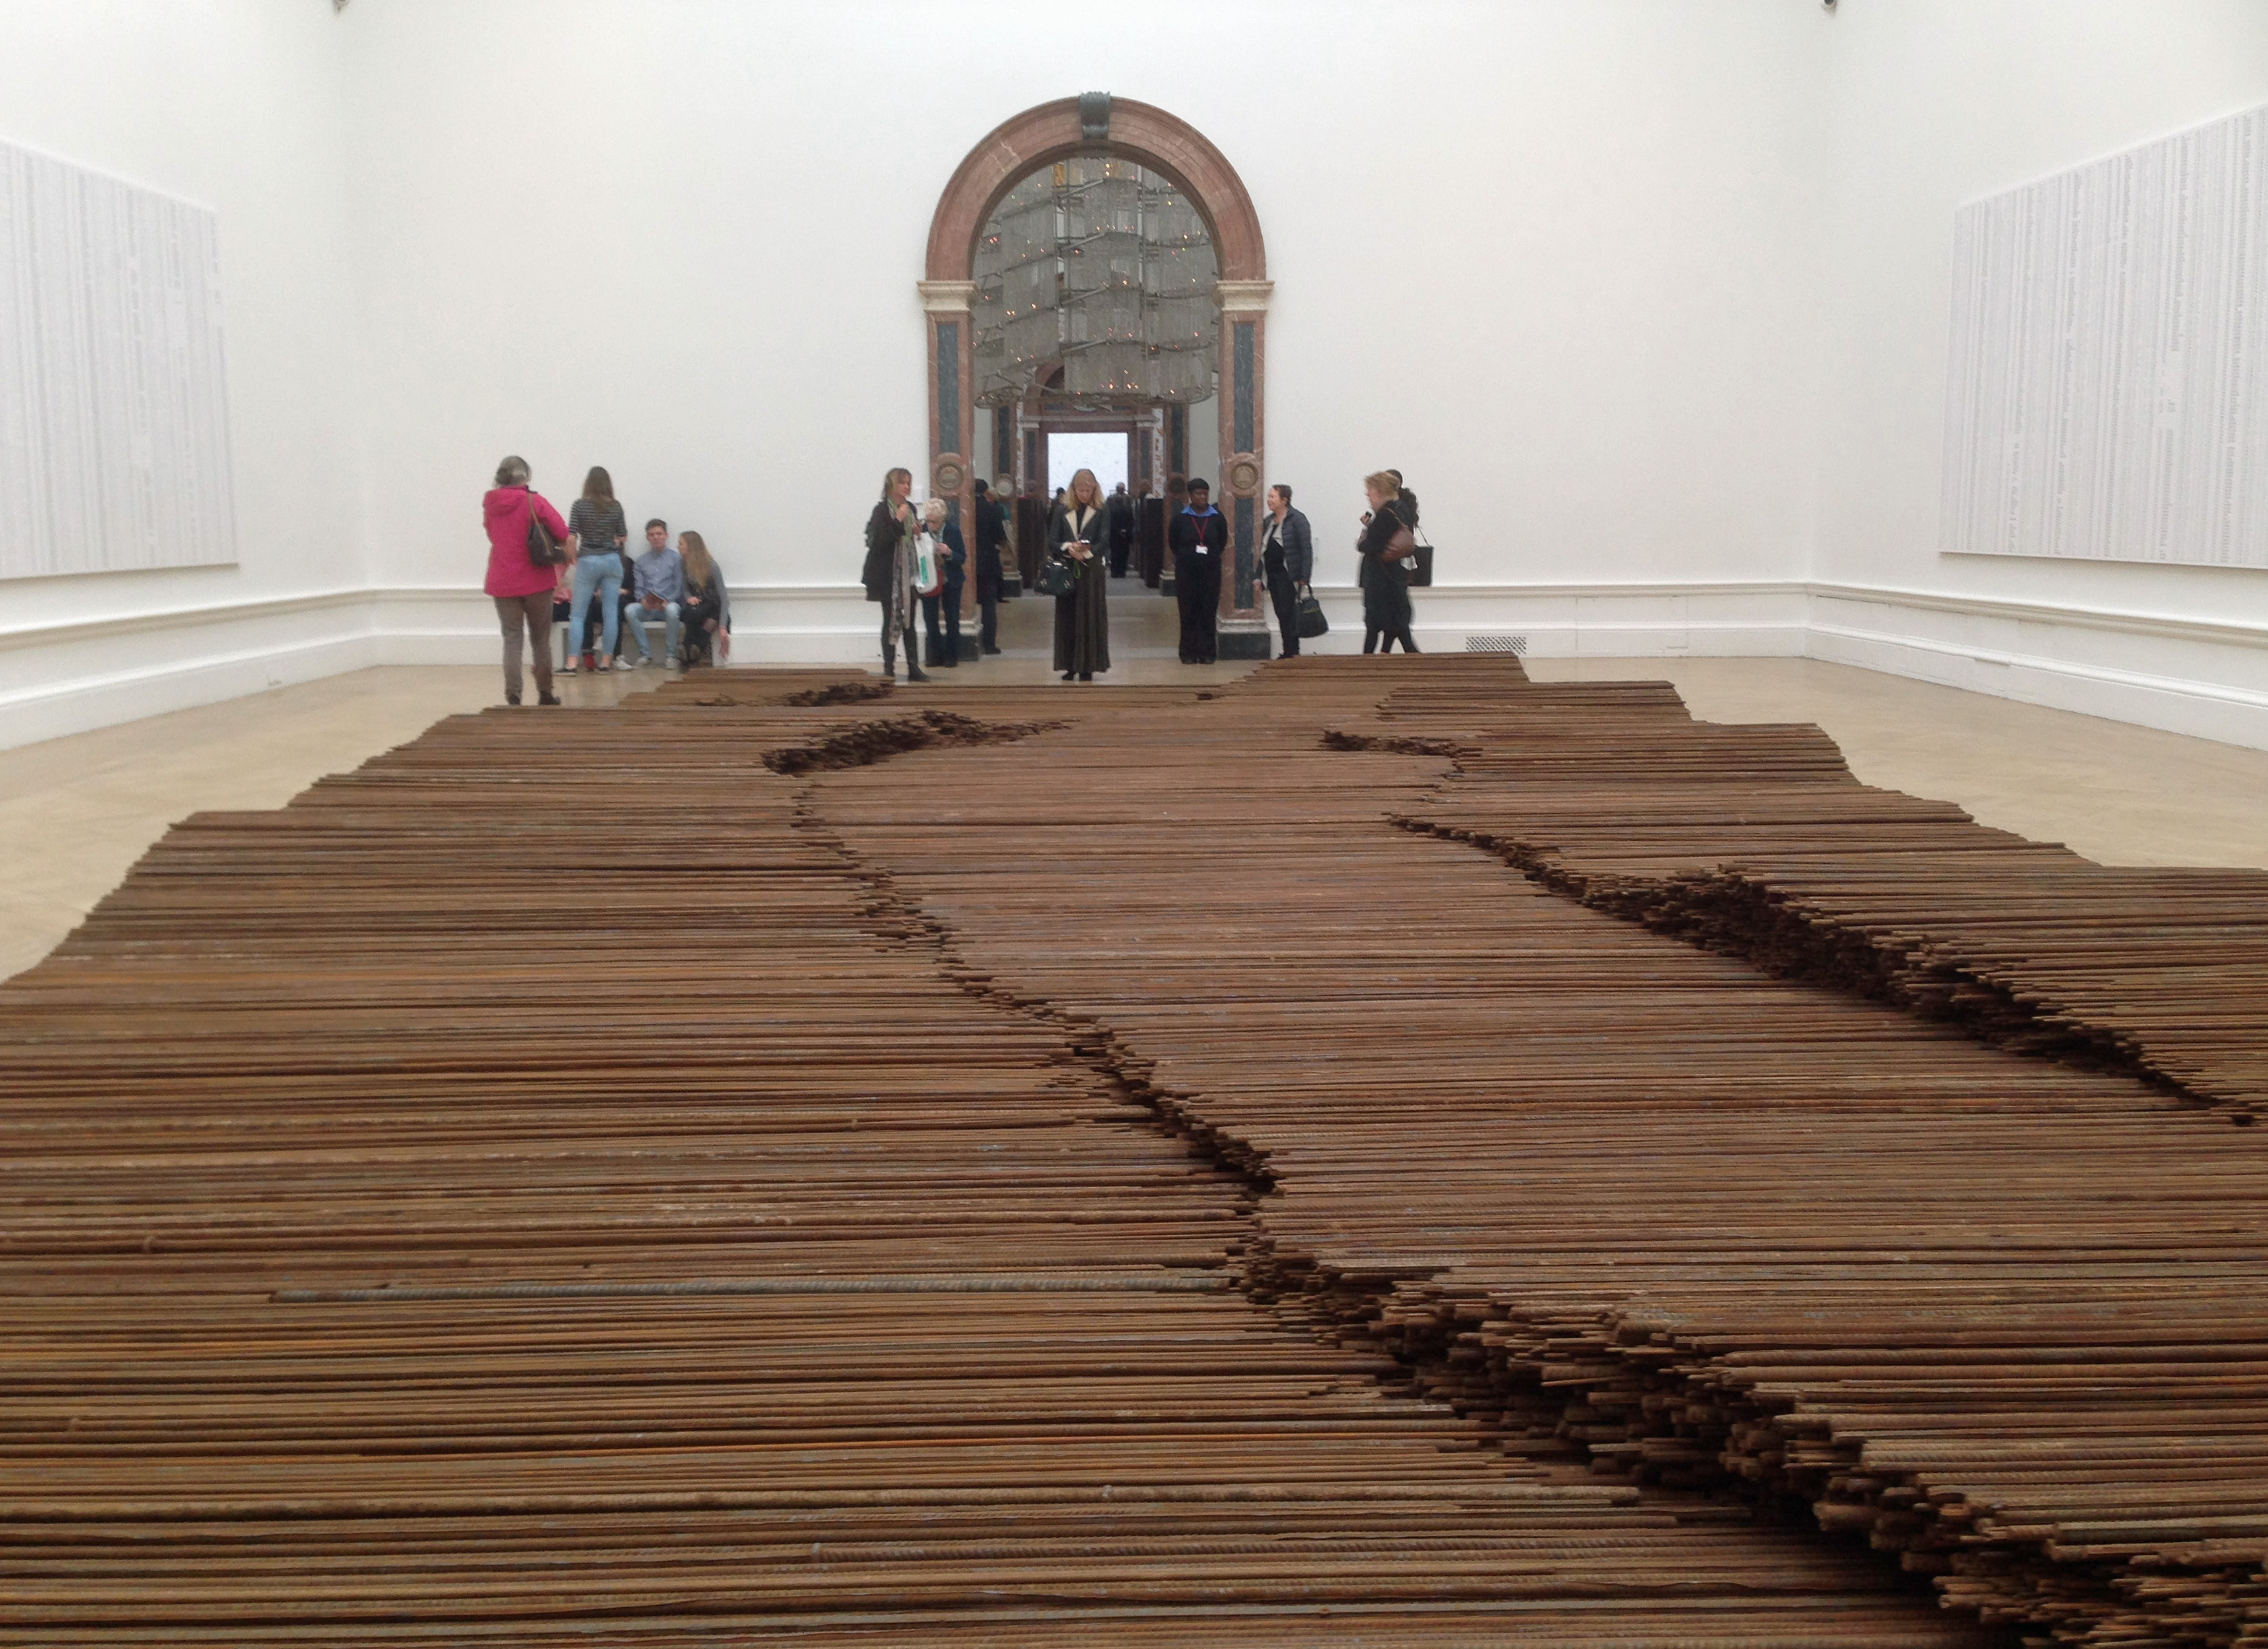 Steel Girders Ai WeiWei